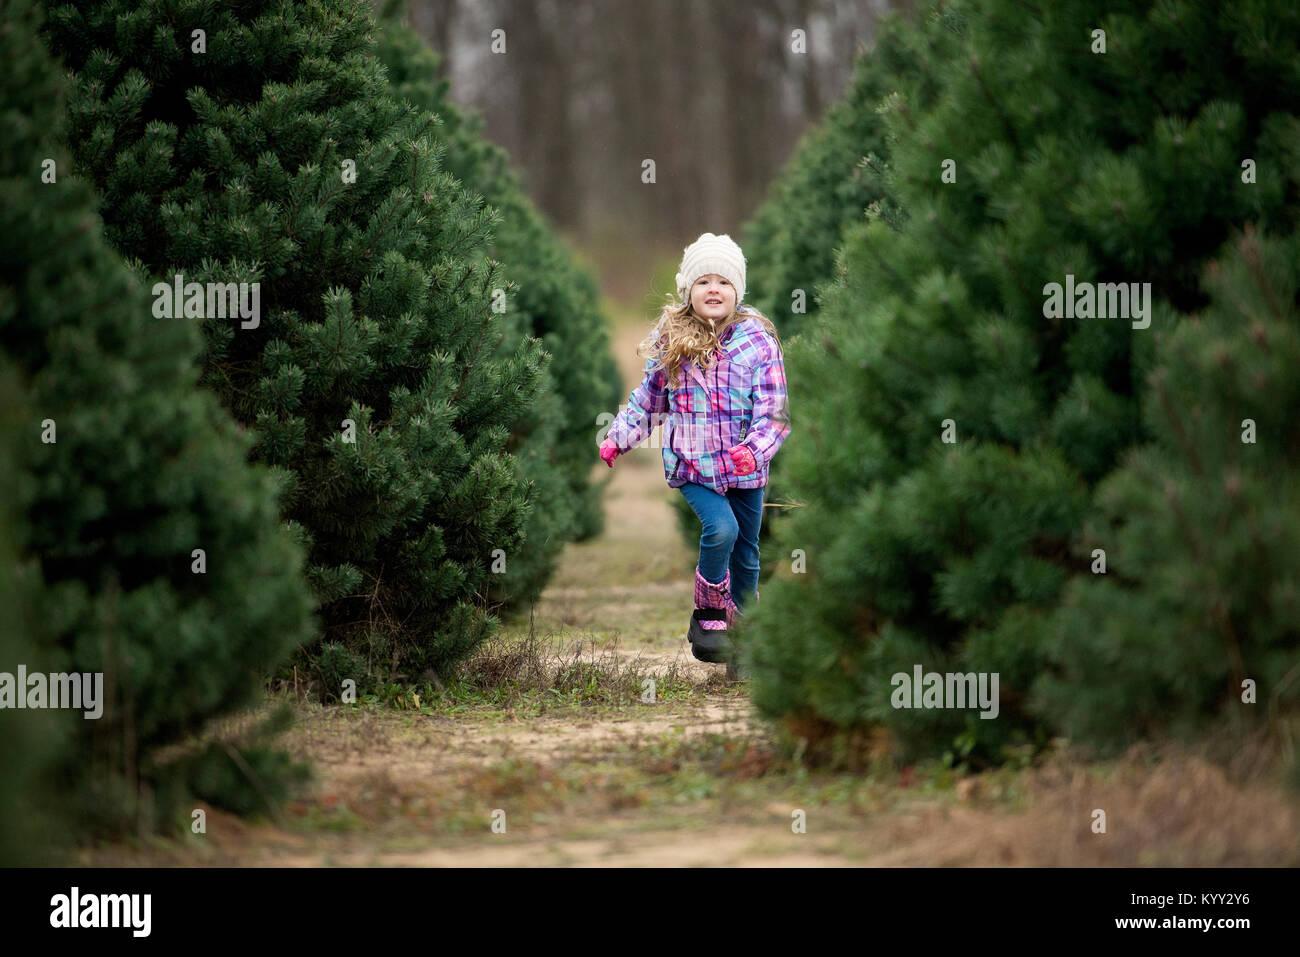 Toute la longueur de fille courir sur terrain au milieu des pins Photo Stock